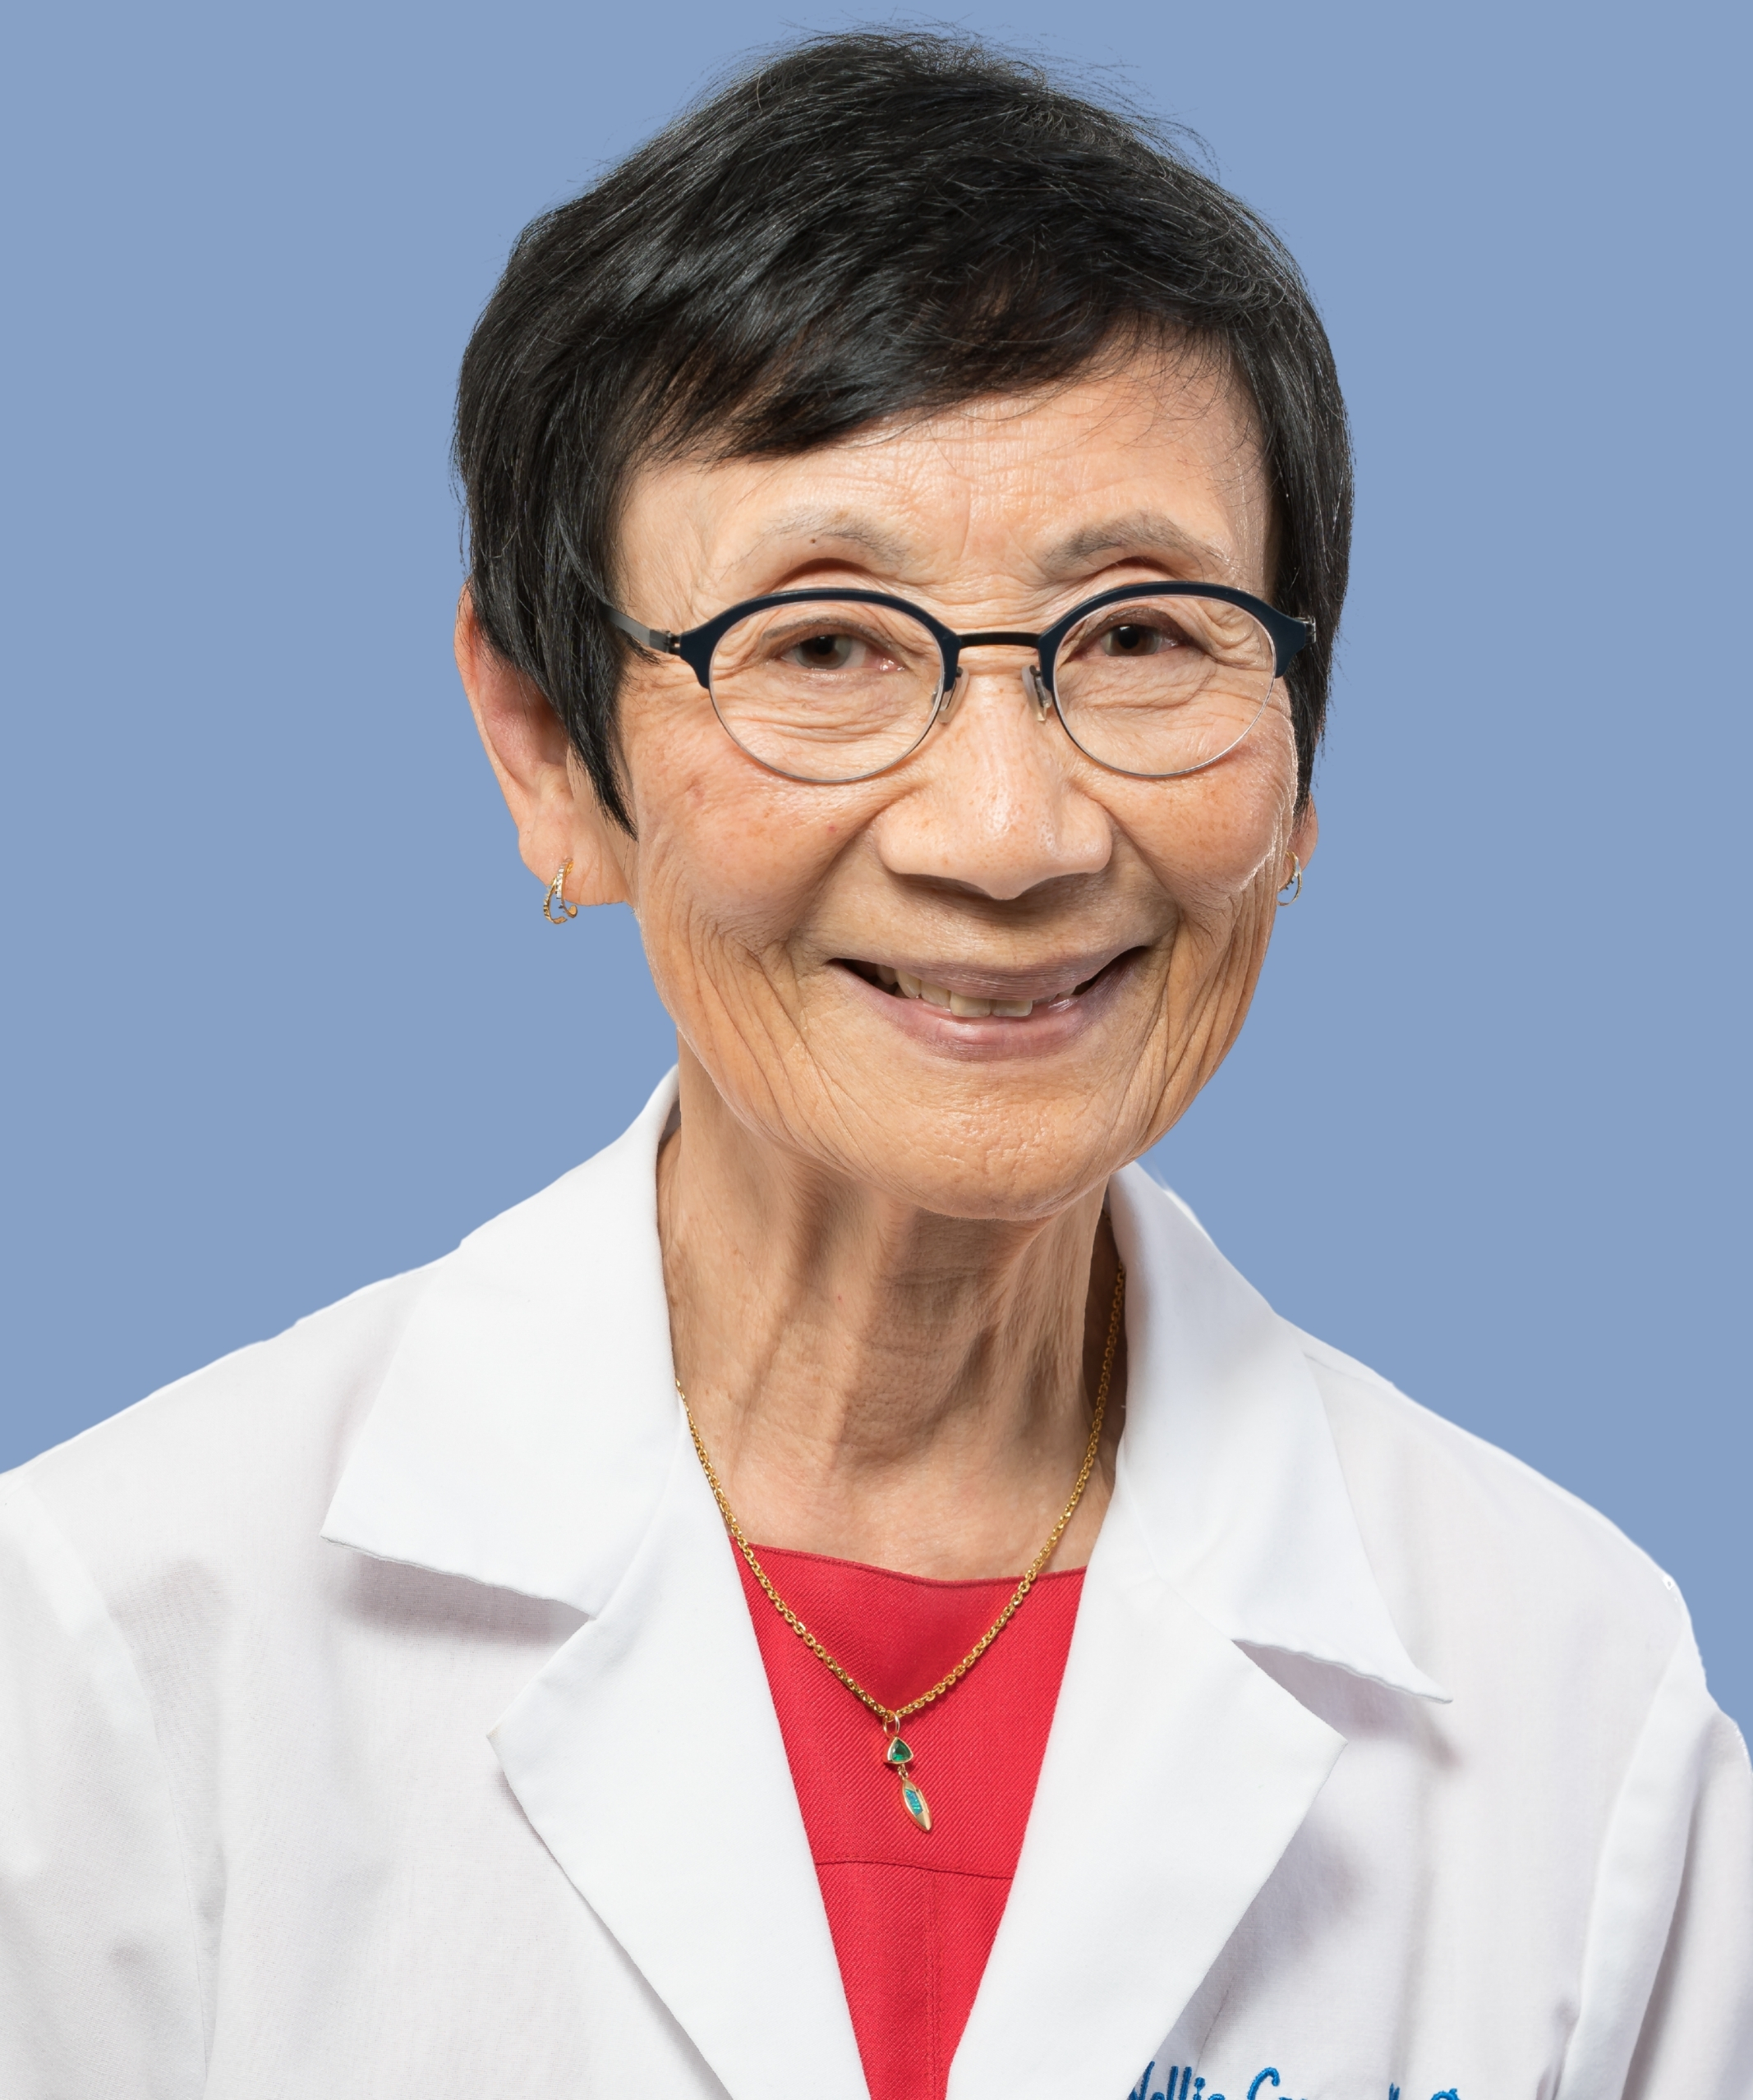 Nellie Grose, M.D.